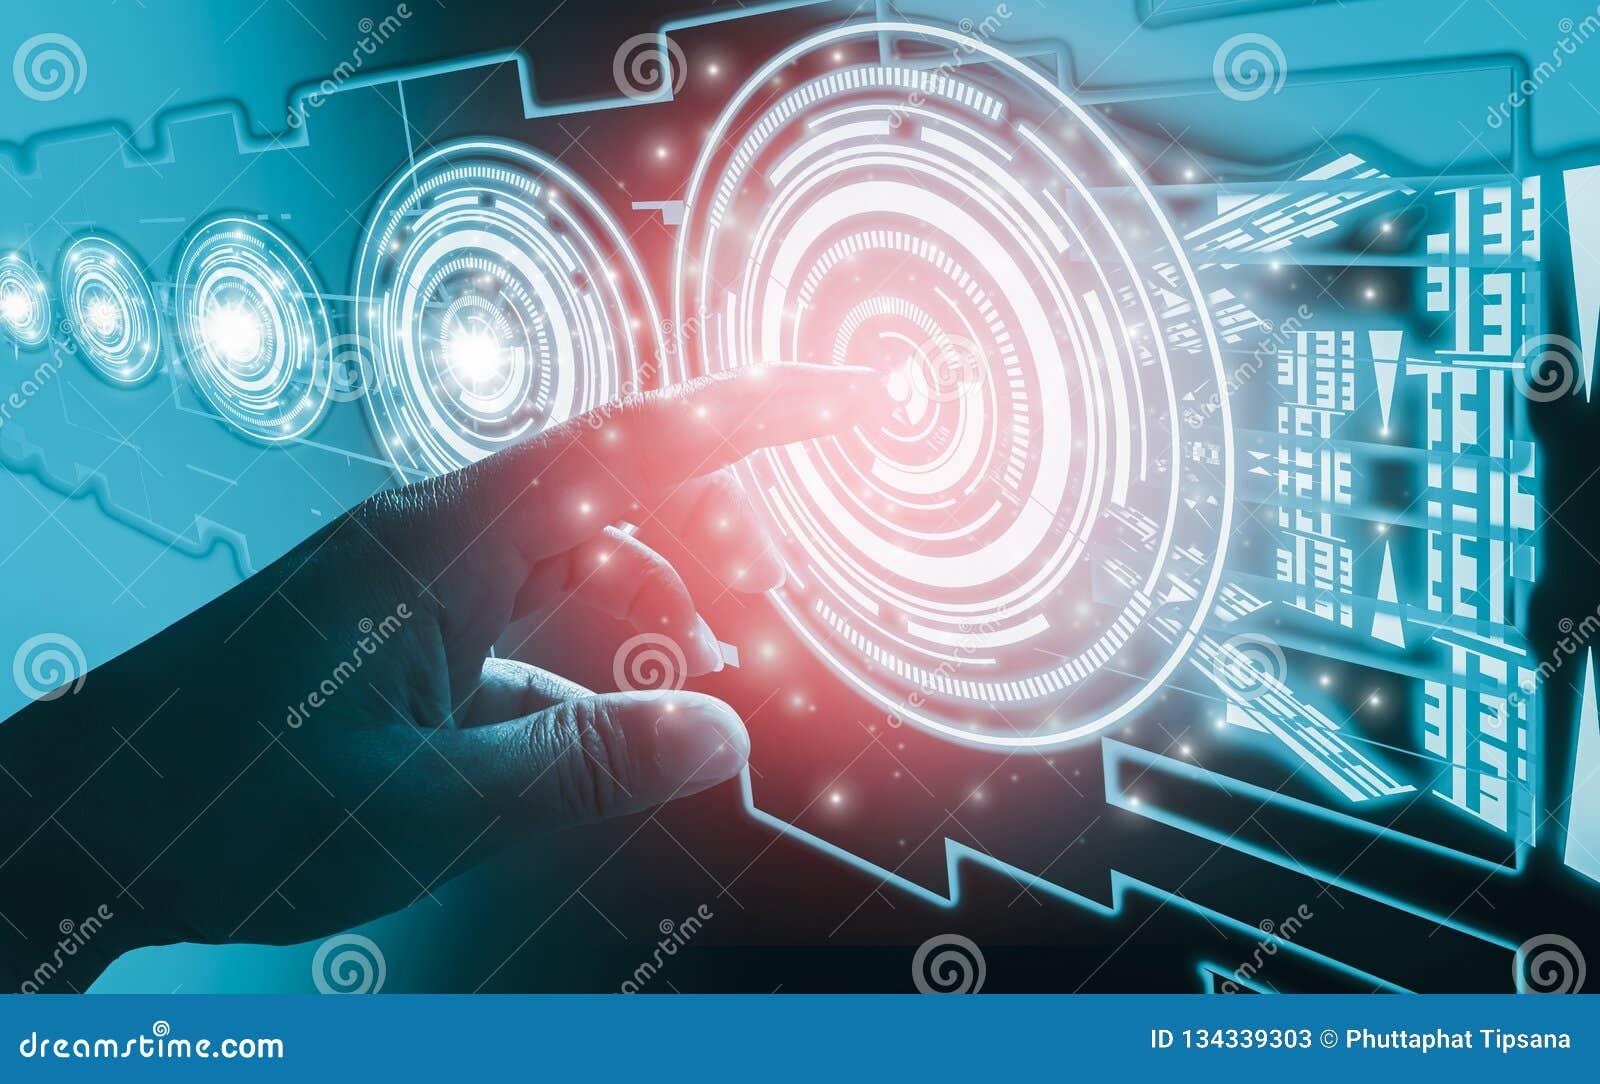 Concepts d abrégé sur interface de contact de doigt, impliquant la technologie et la conception futuristes très modernes, de l hu